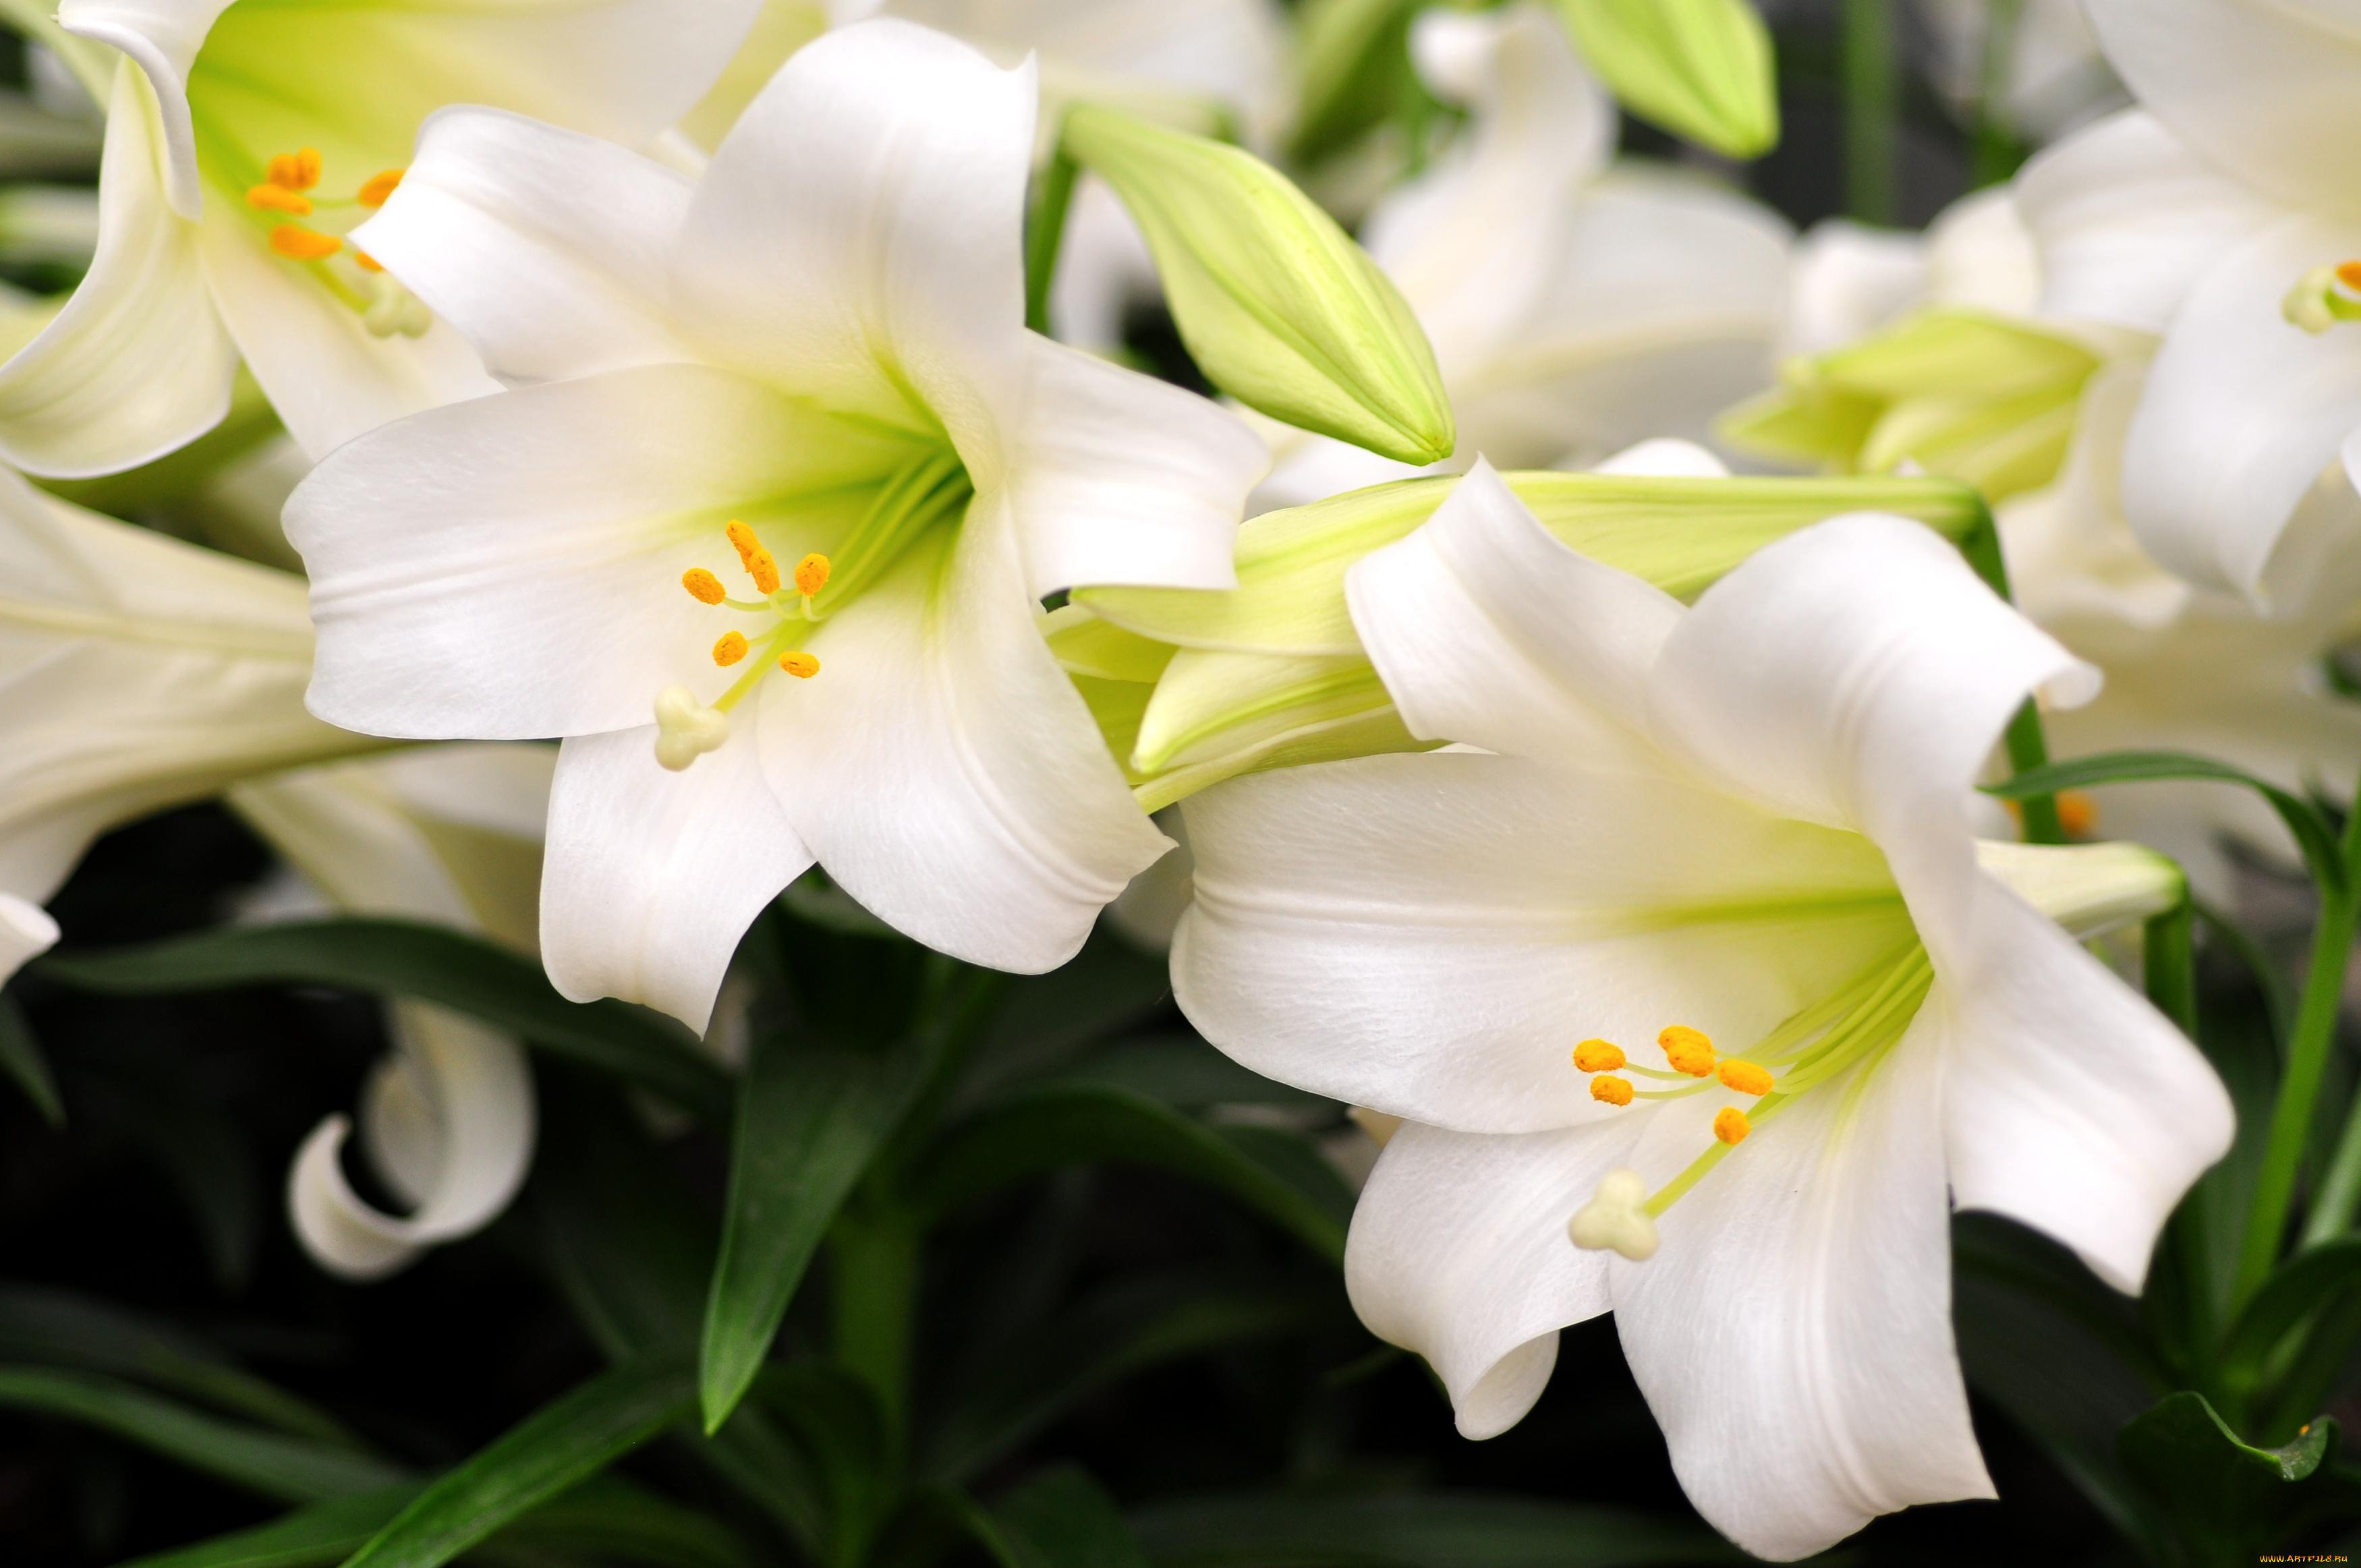 пять лет найти картинки белых лилий еще многие